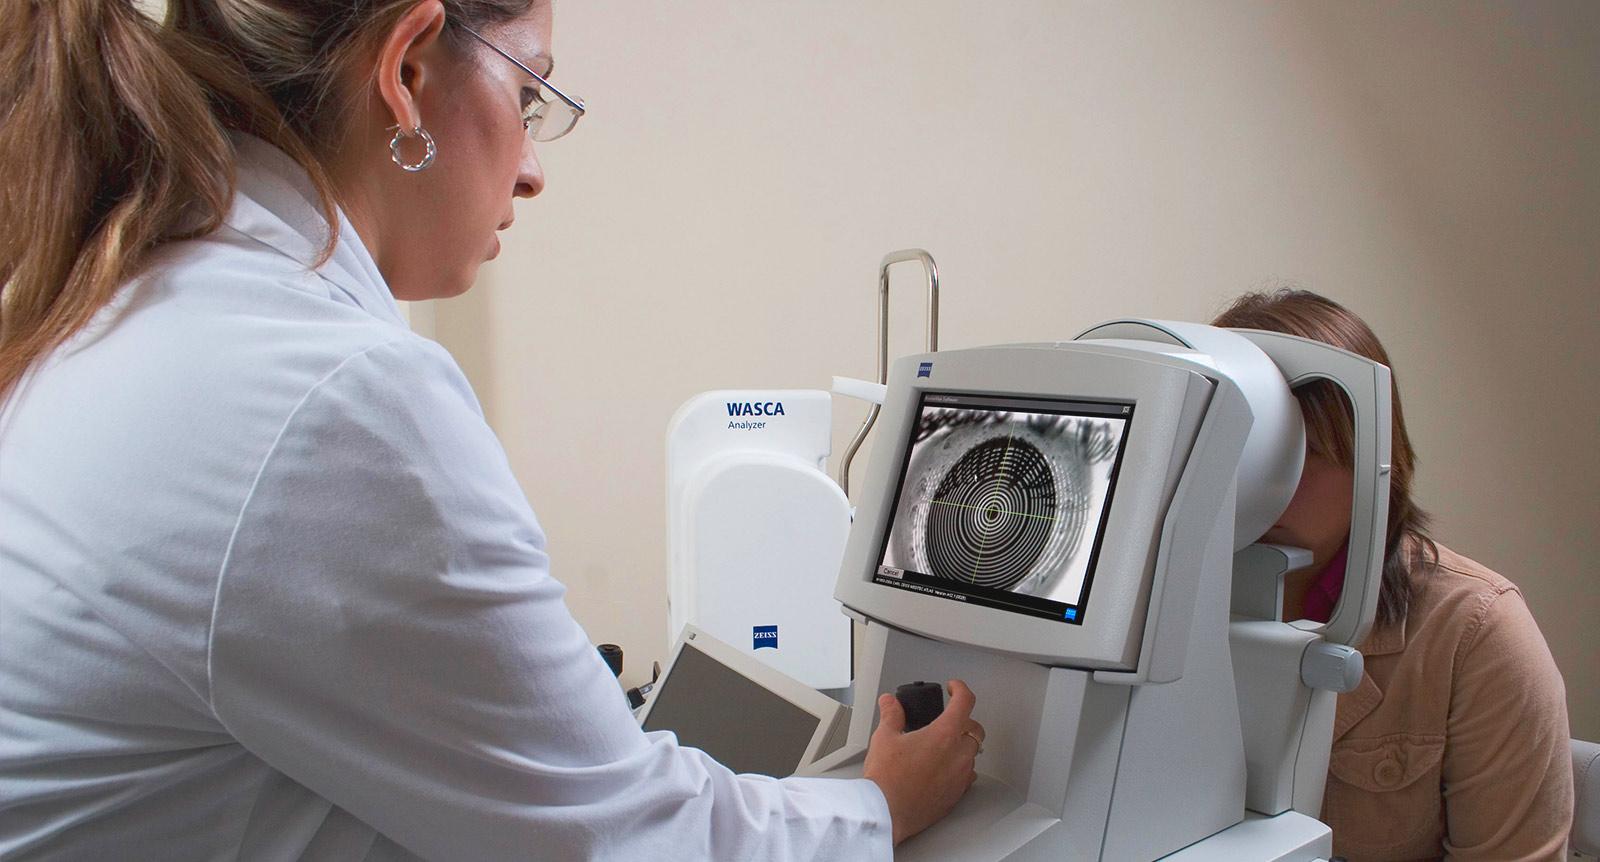 Centro Regional para la Prevención de la Ceguera y Cuidado de los Ojos